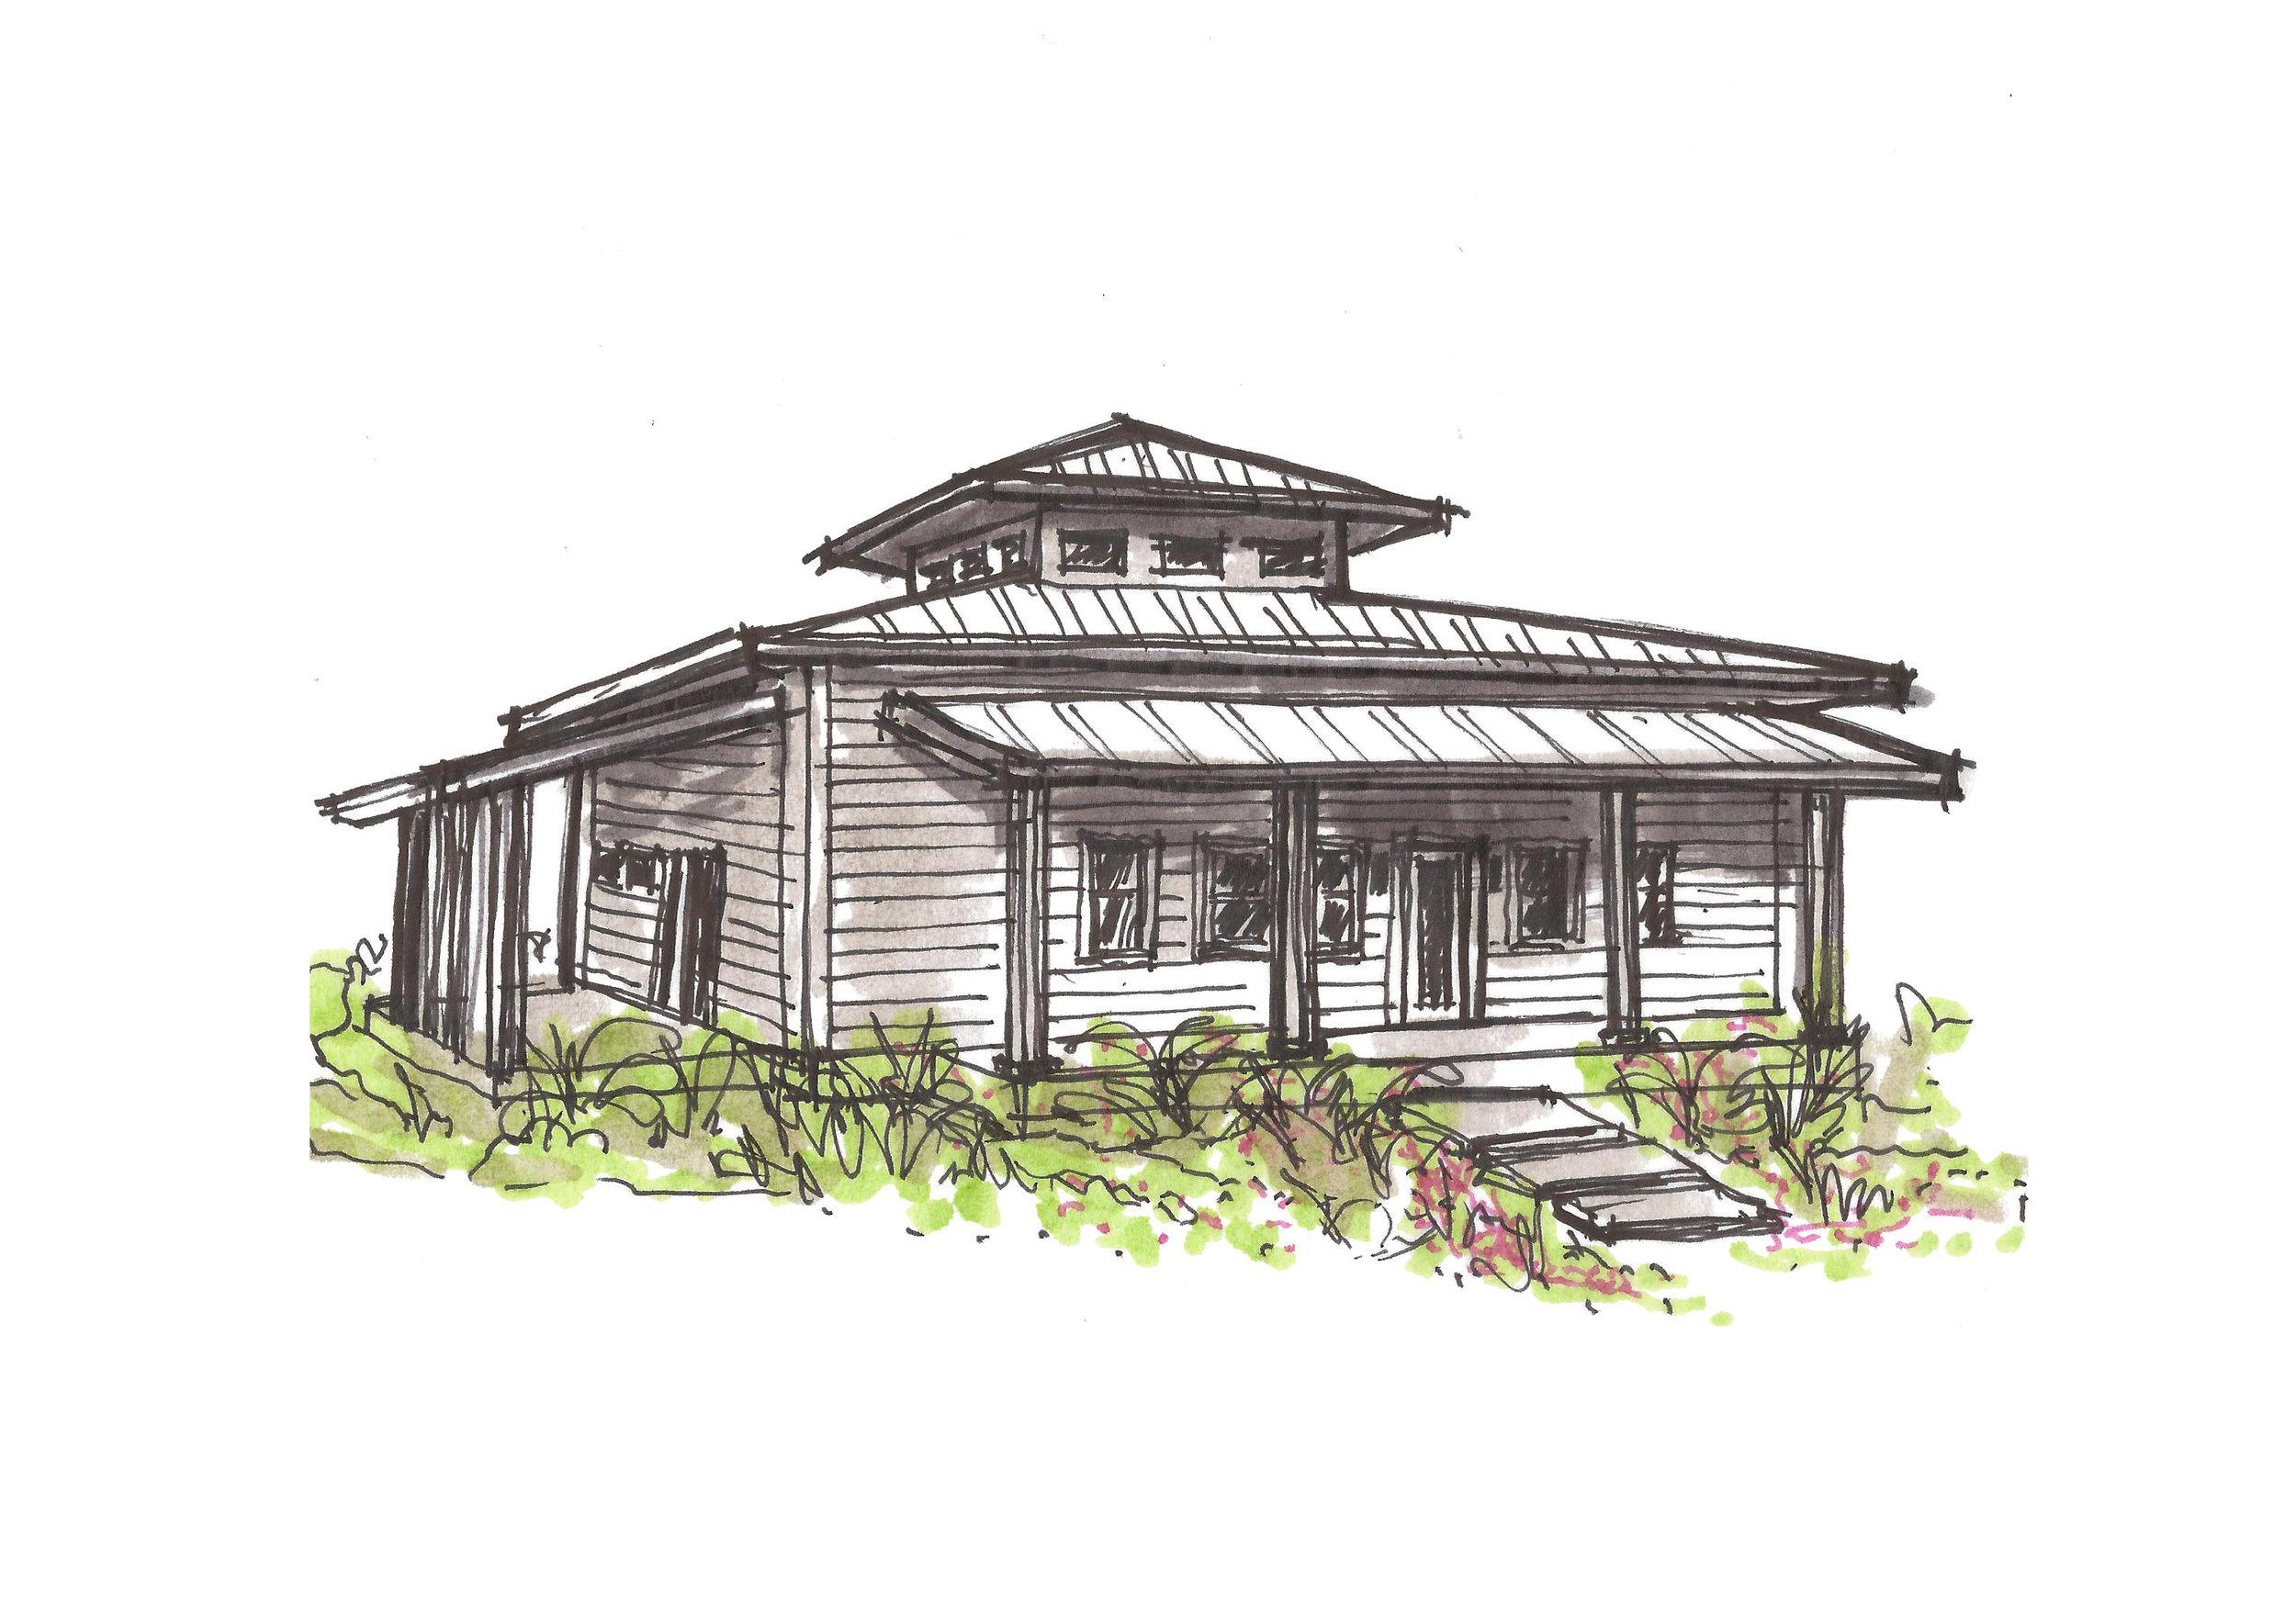 jones-vaastu-house-image-Cropped.jpg